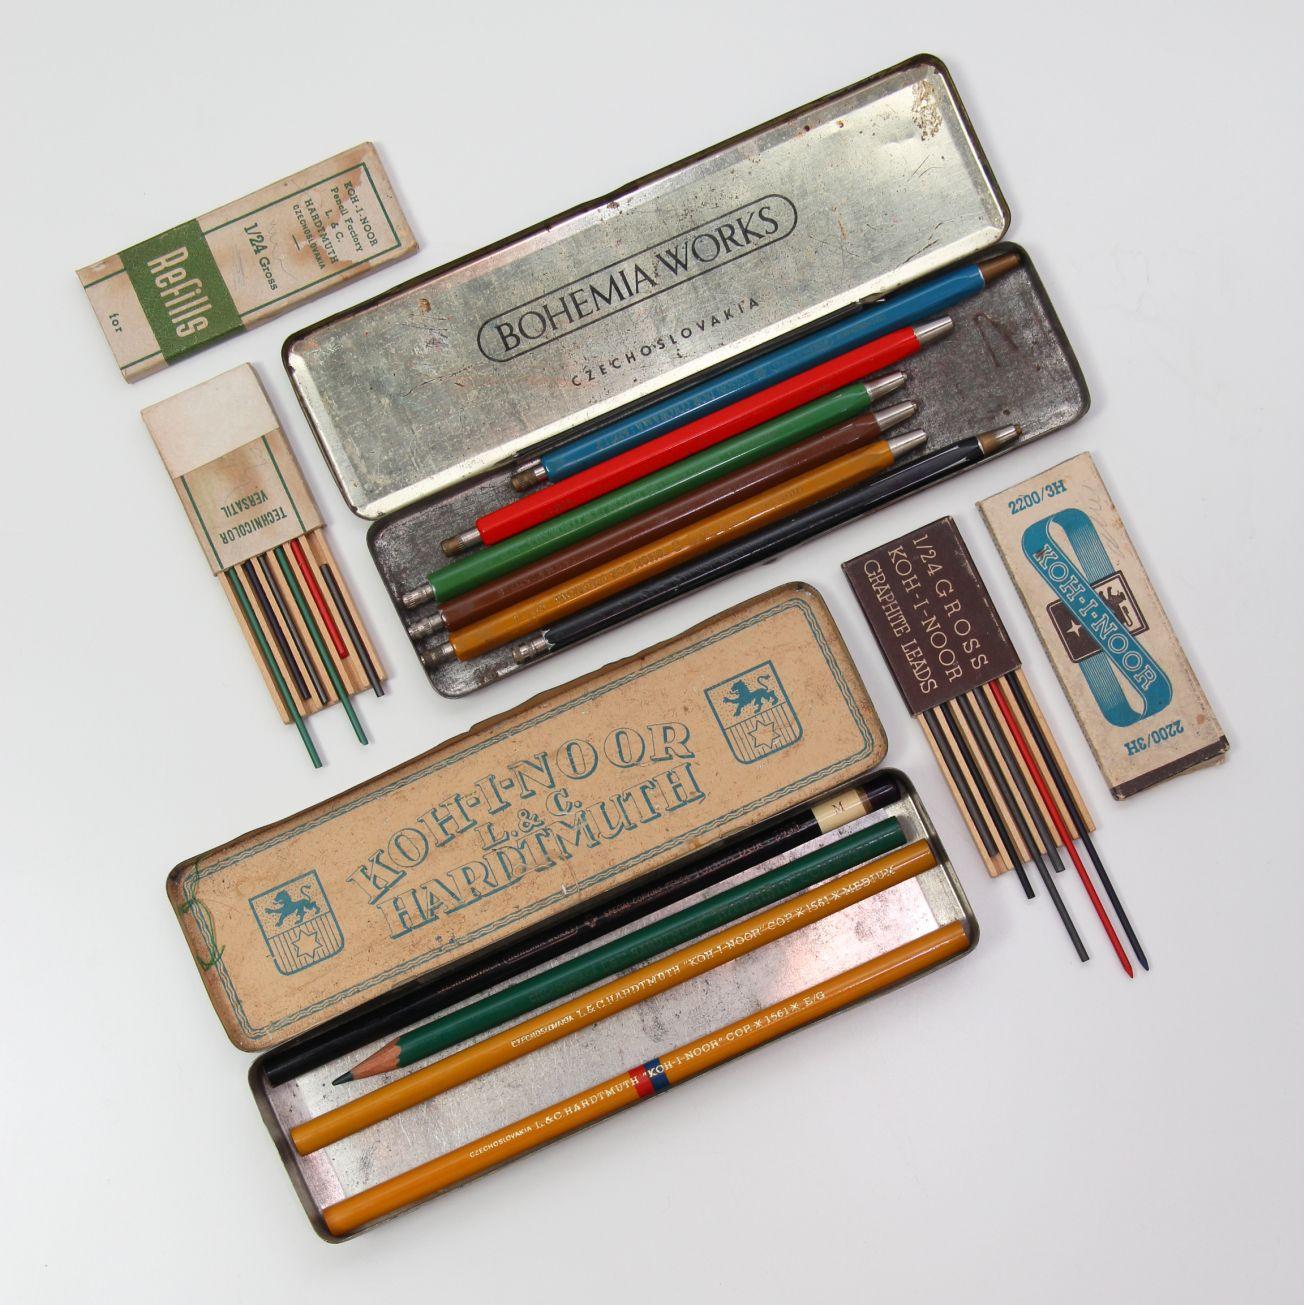 Creionul galben